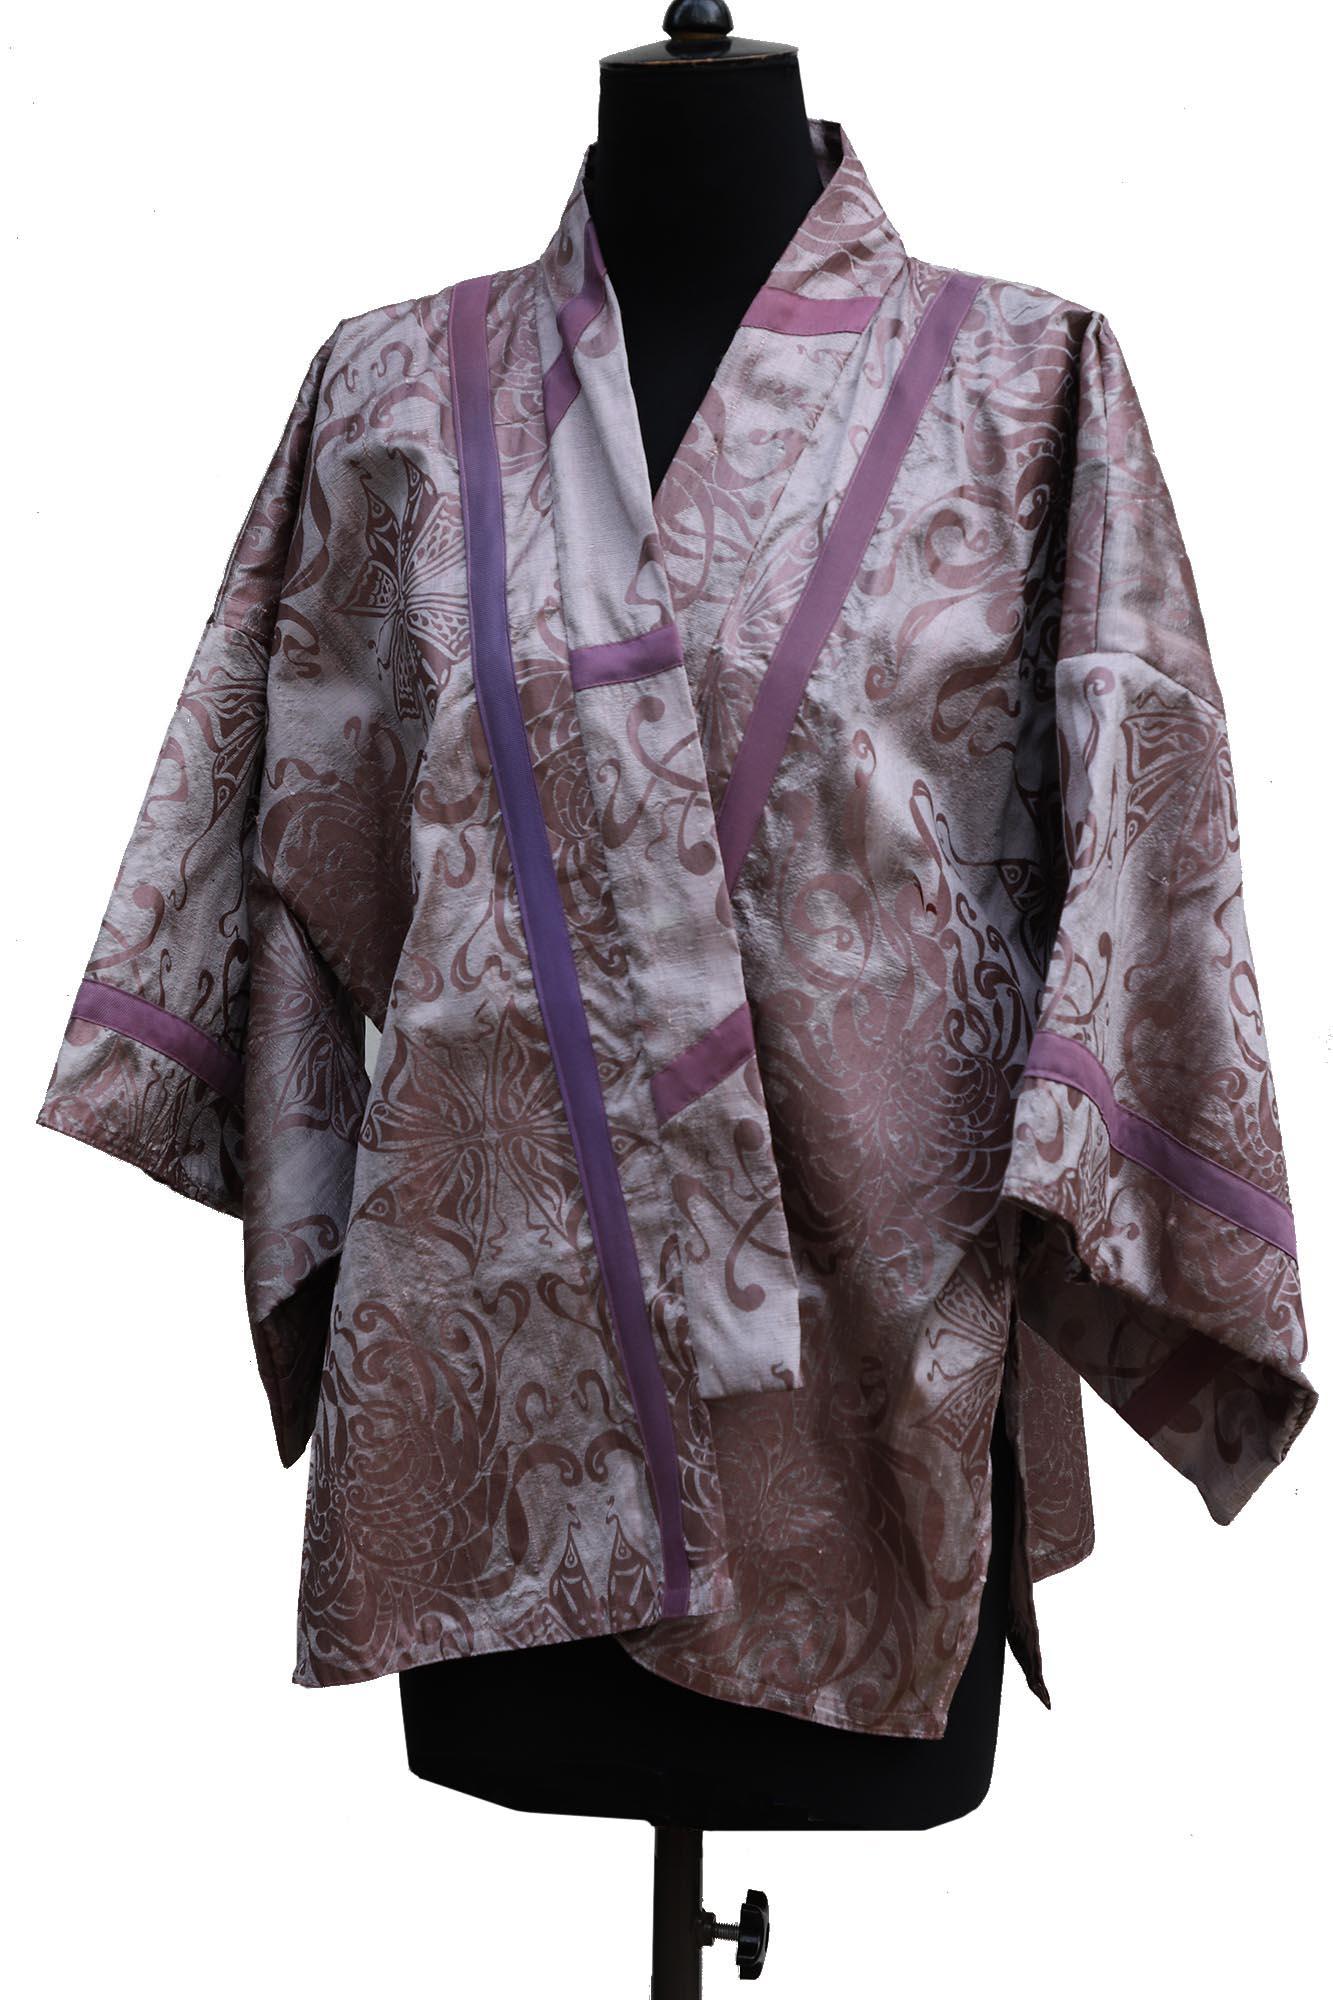 Asuka Kimono Jacket in Slub Silk Taffeta in Birch Bark Purple